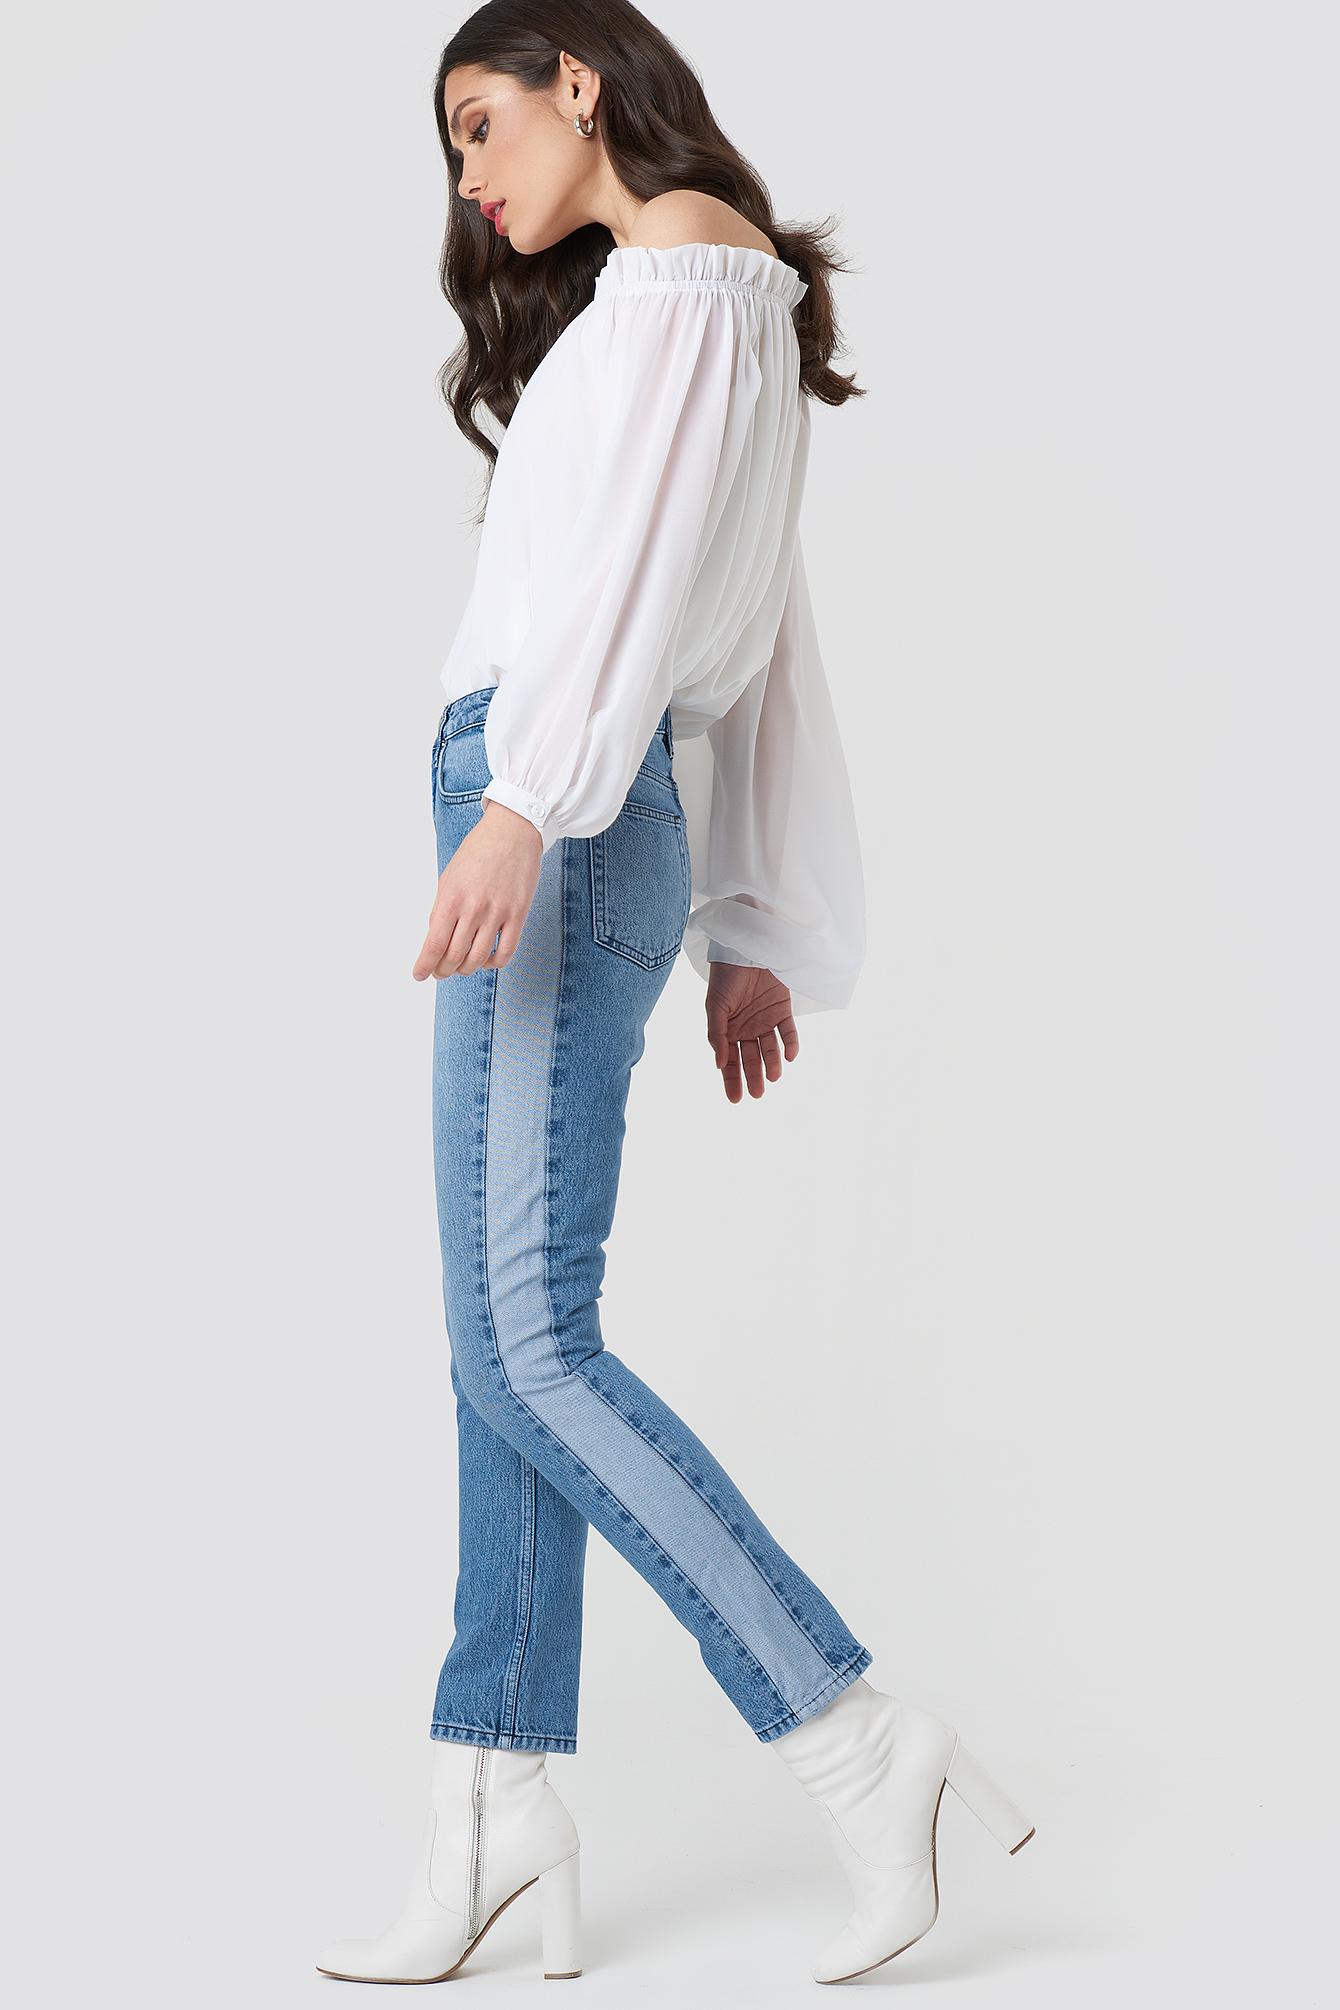 Two Tone Side Panel Jeans NA-KD.COM